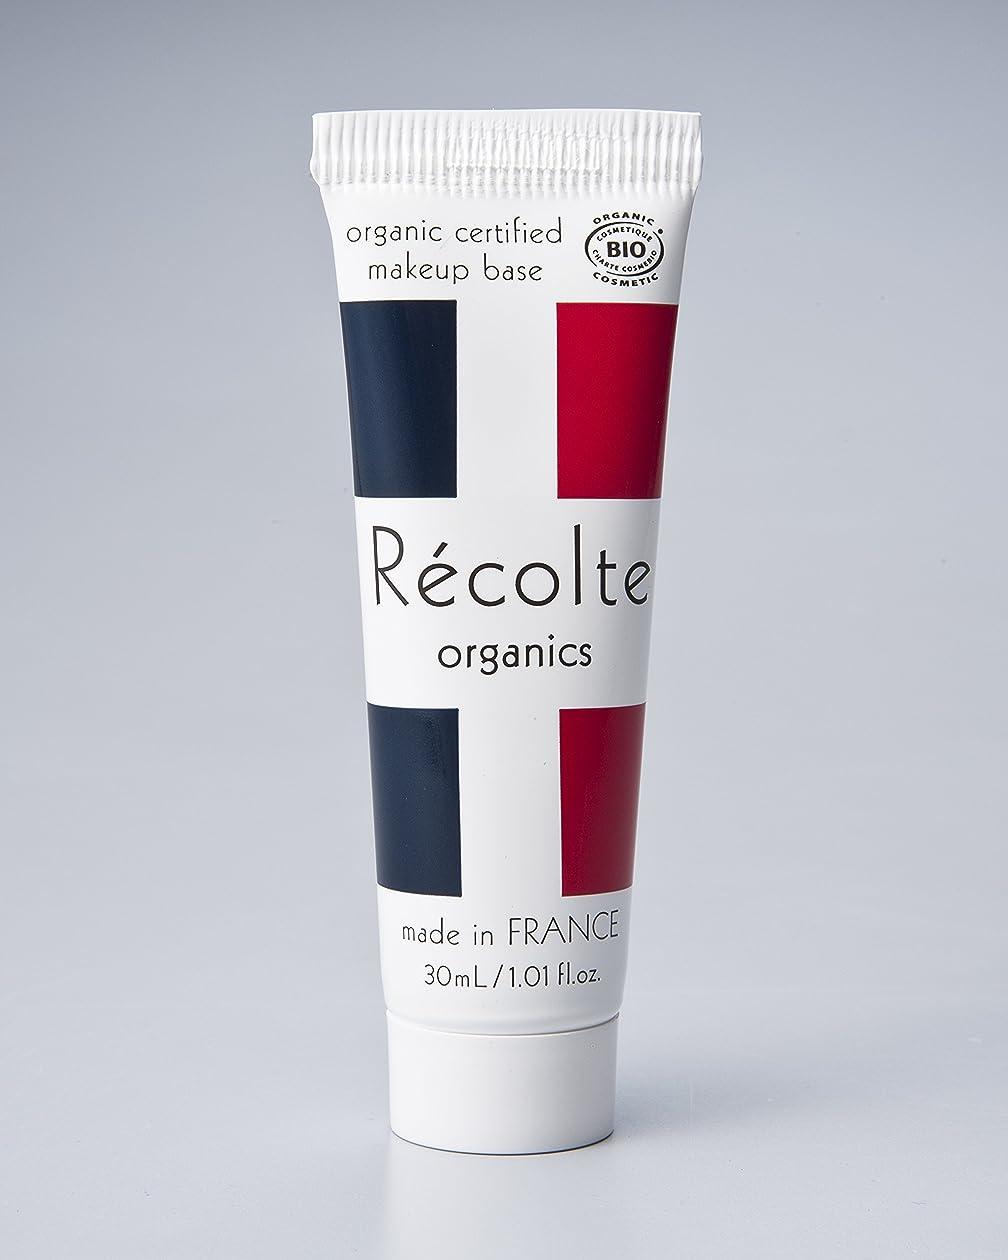 しゃがむナプキンドループRecolte organics natural makeup base レコルトオーガニック ナチュラルメイクアップベース 化粧下地 SPF15 30ml